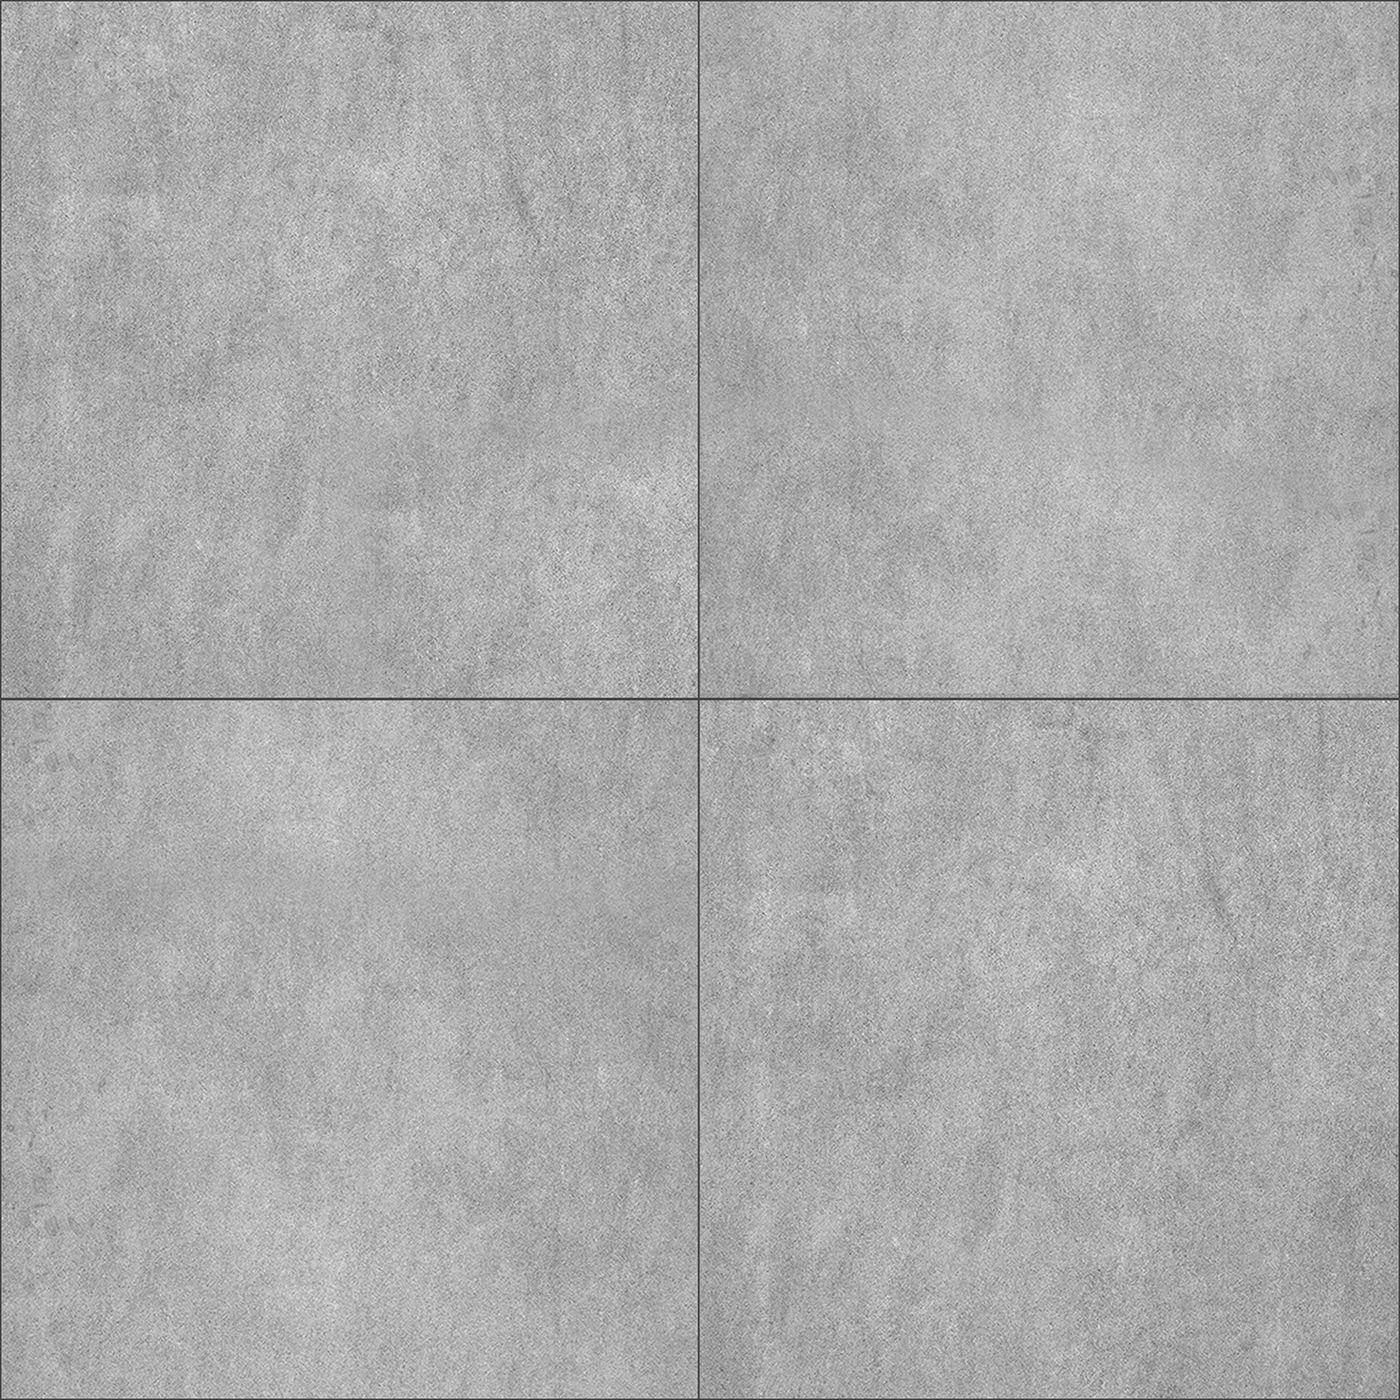 stone tile floor texture. beautiful texture stone tiles floors texture floors of stone quarry tiles in tile floor texture m